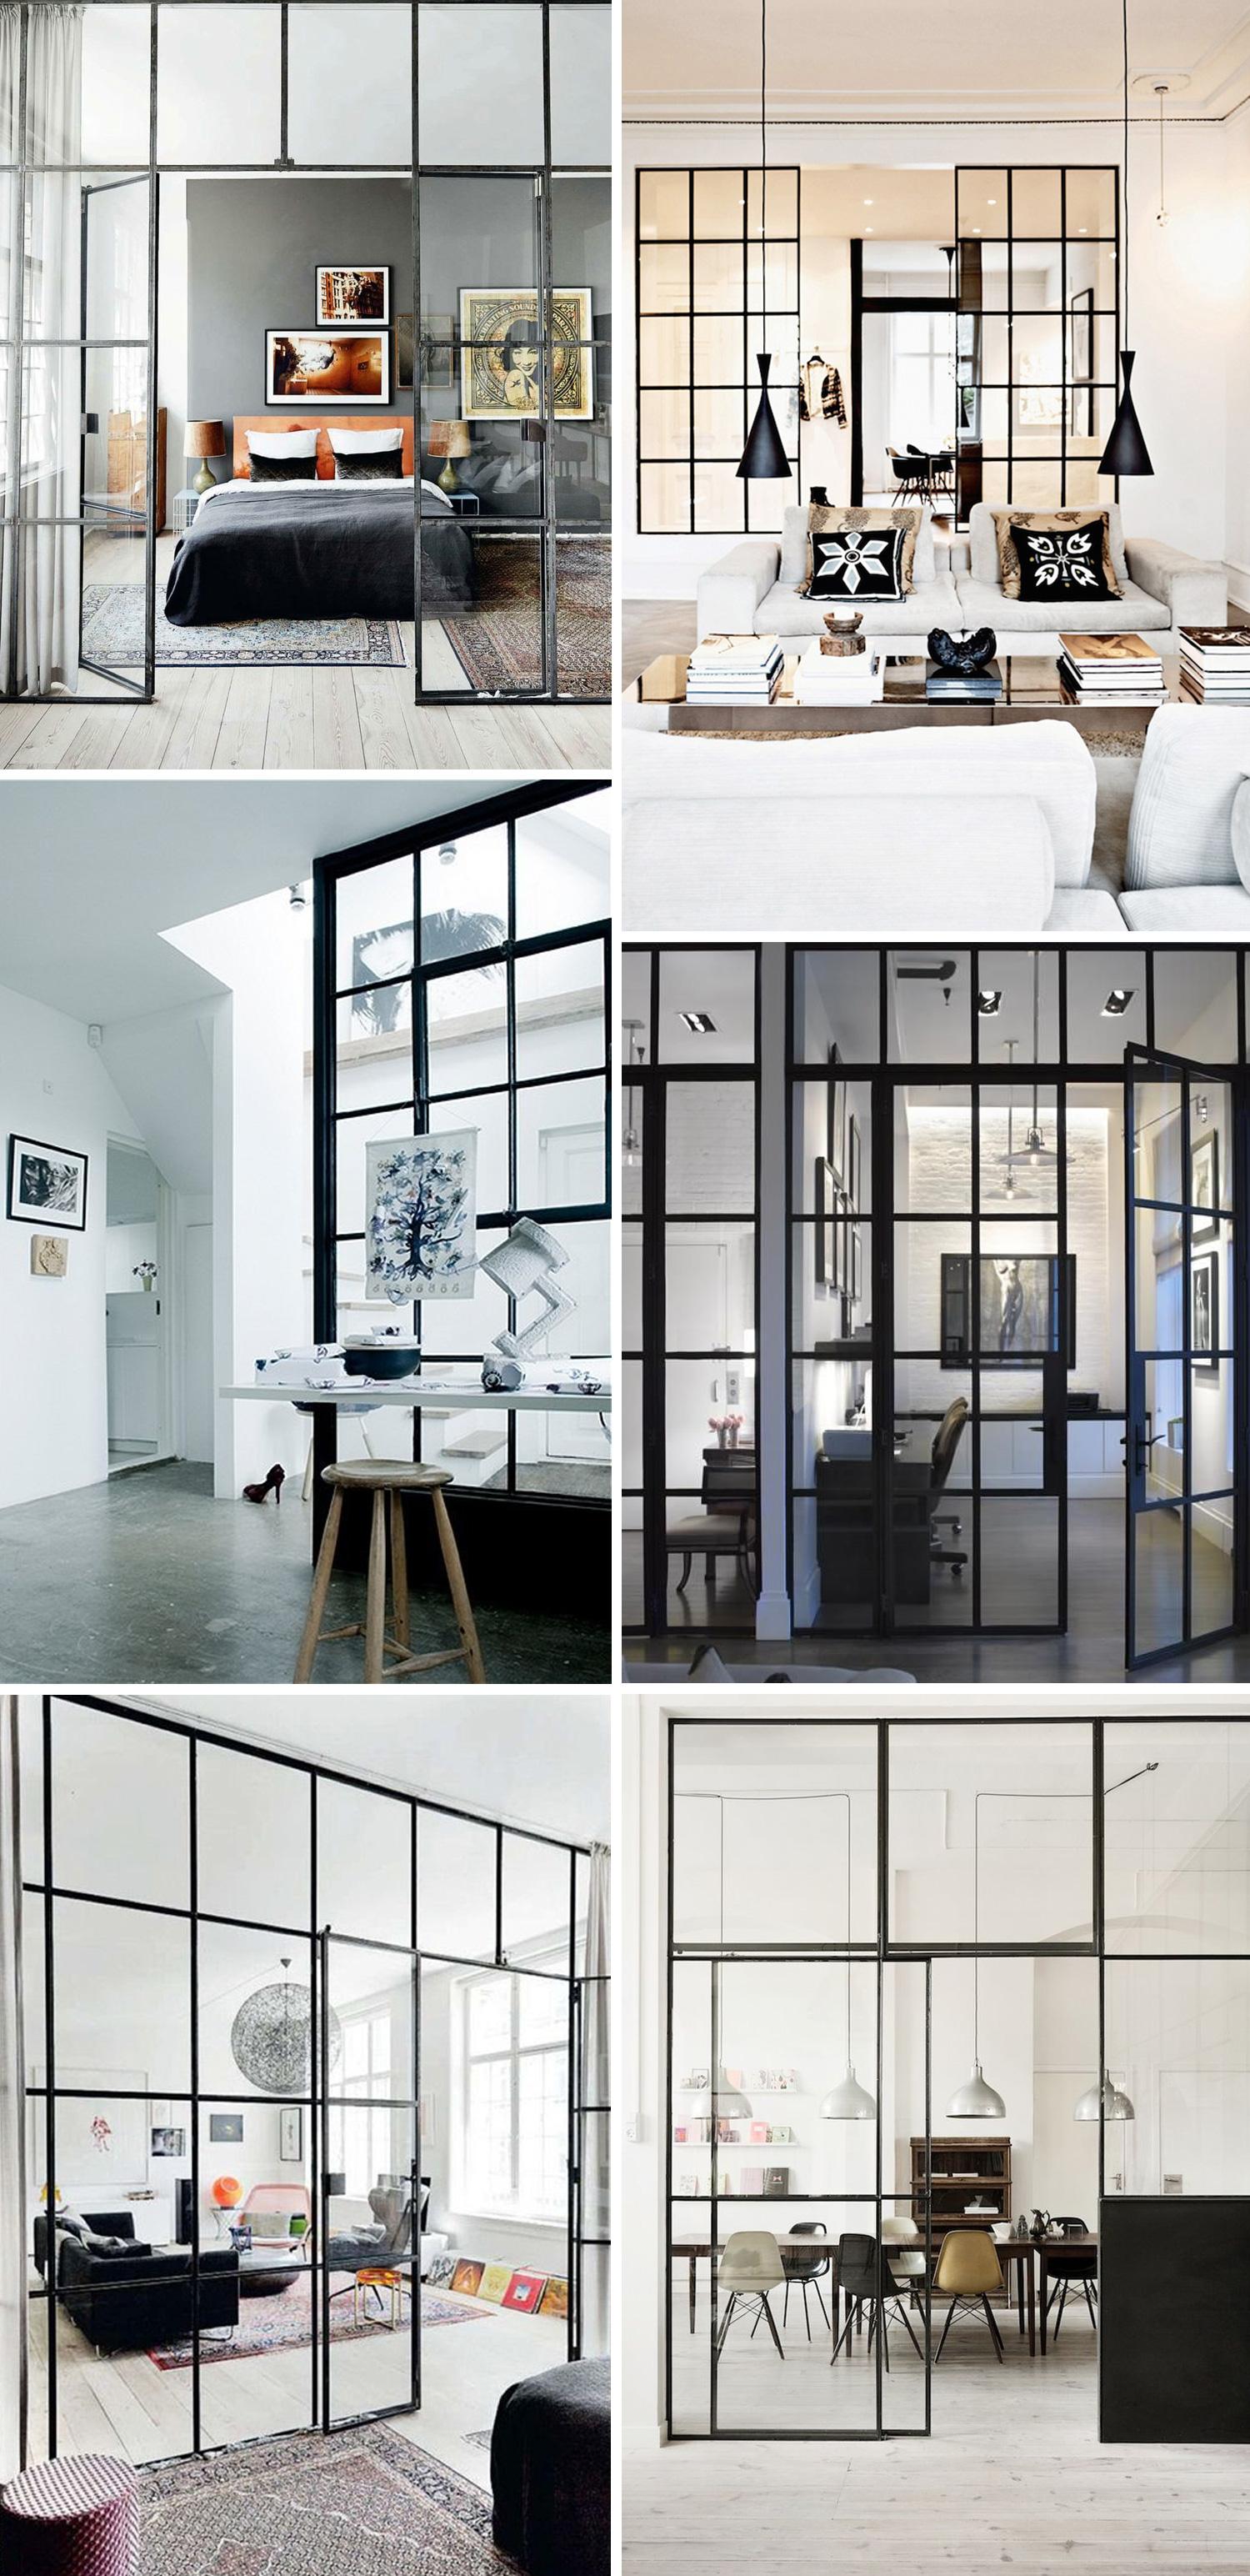 vinduesvæk,-franske-vinduer,-genbyg,-modeblog,-indretning@2x